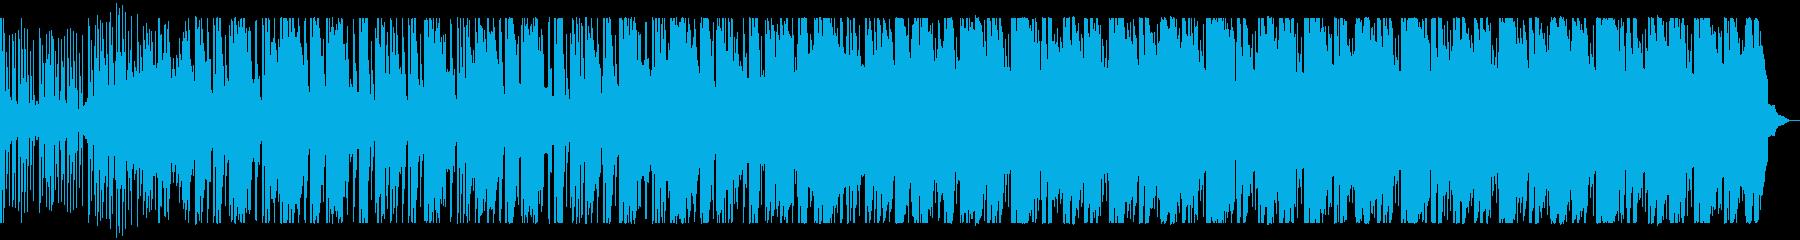 代替案 ポップ ラウンジ まったり...の再生済みの波形